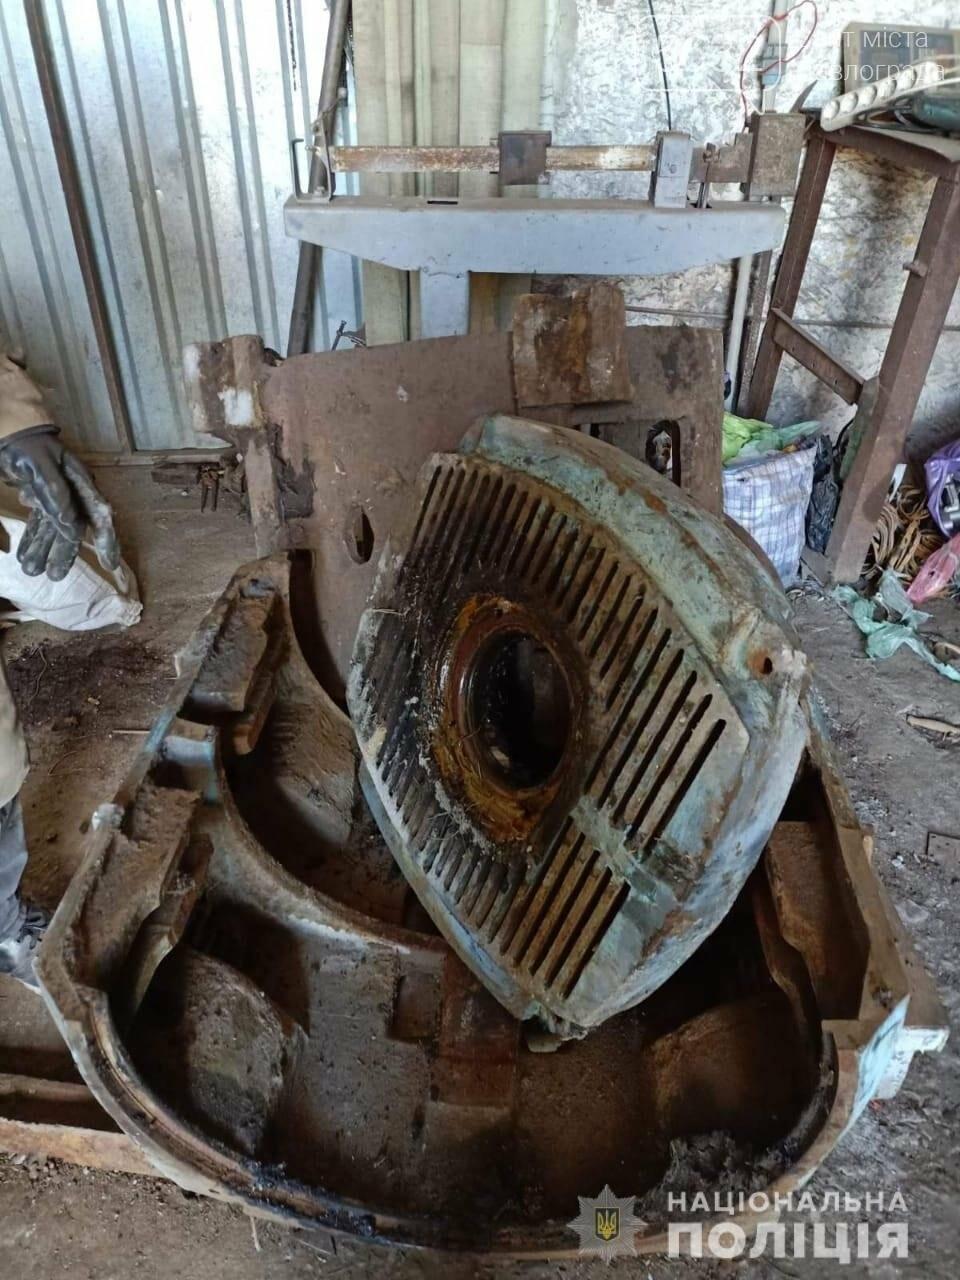 В Петропавловке местный житель украл 2 двигателя оросительной системы, фото-3